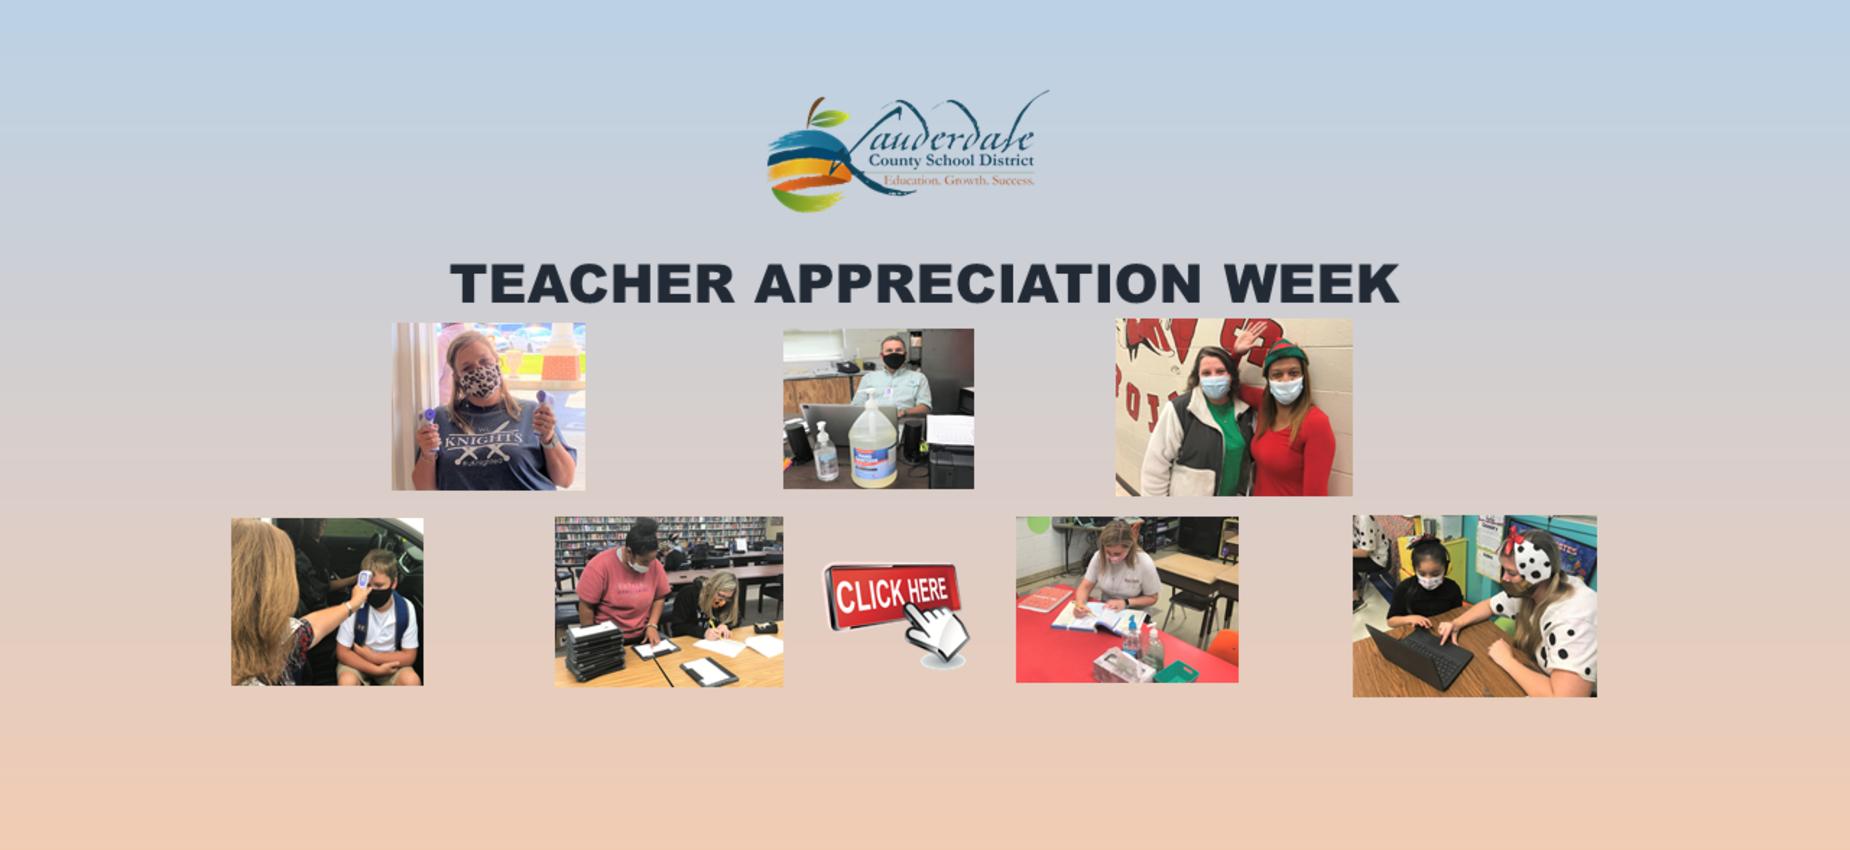 Teacher Appreciation Week Graphic